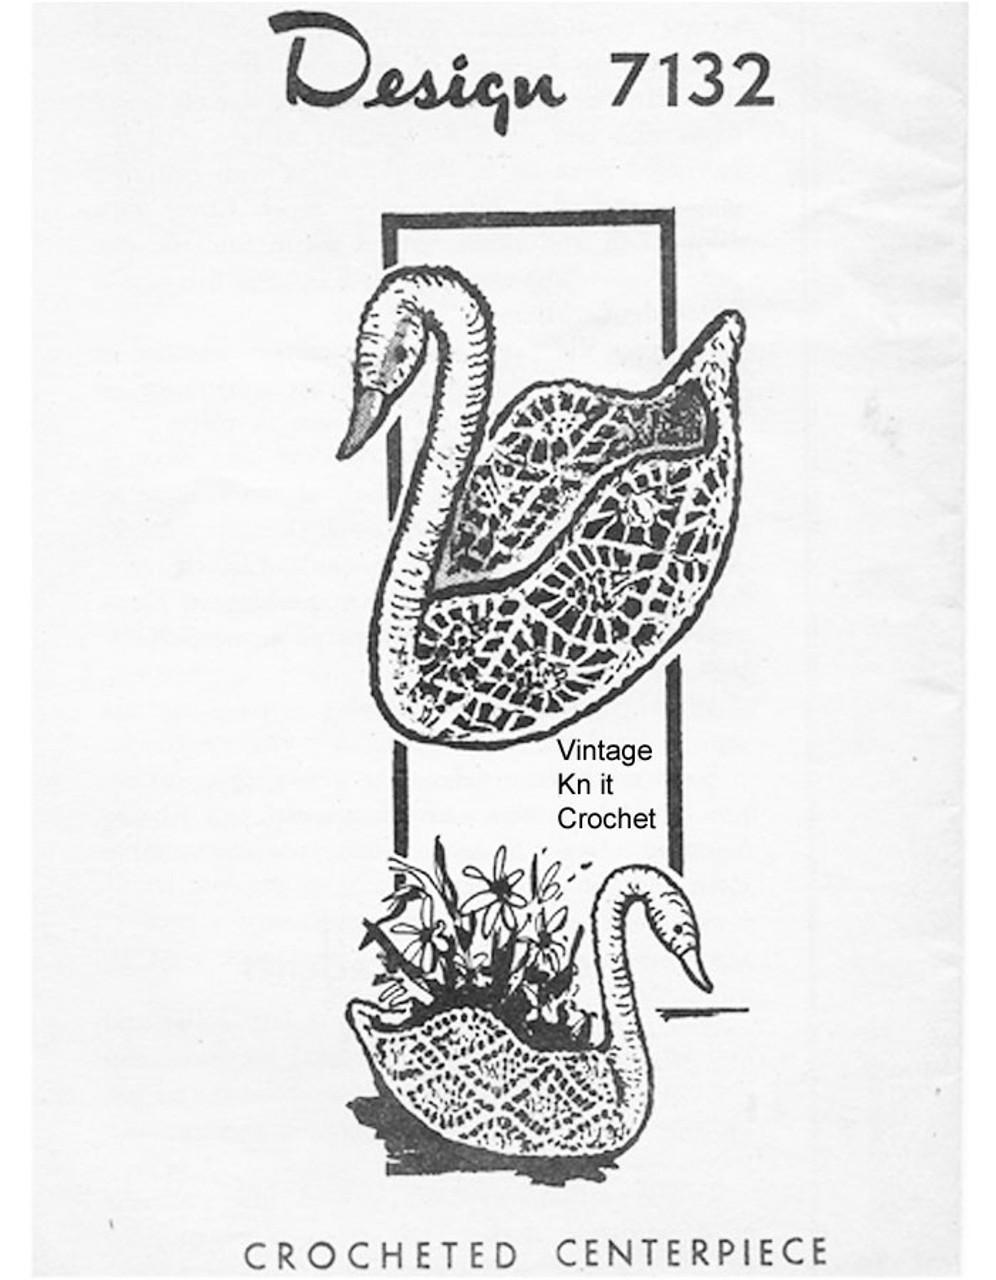 Crochet Swan Centerpiece Pattern, Alice Brooks 7132